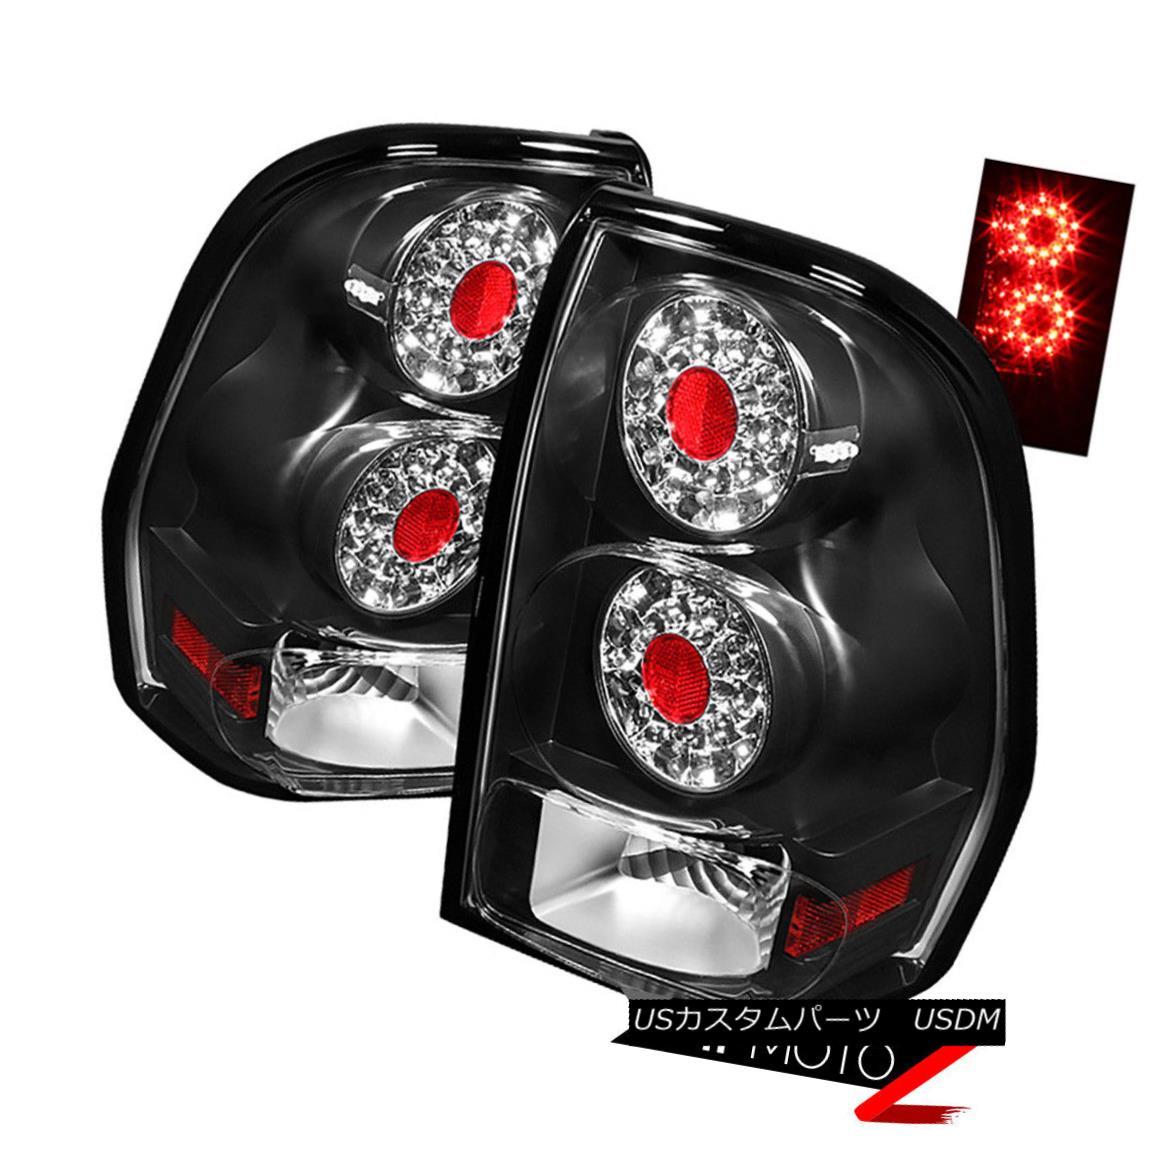 テールライト Chevy TrailBlazer 02-09 Black LED Tail Light Signal Brake Lamp Pair LH+RH SET Chevy TrailBlazer 02-09ブラックLEDテールライト信号ブレーキランプペアLH + RH SET